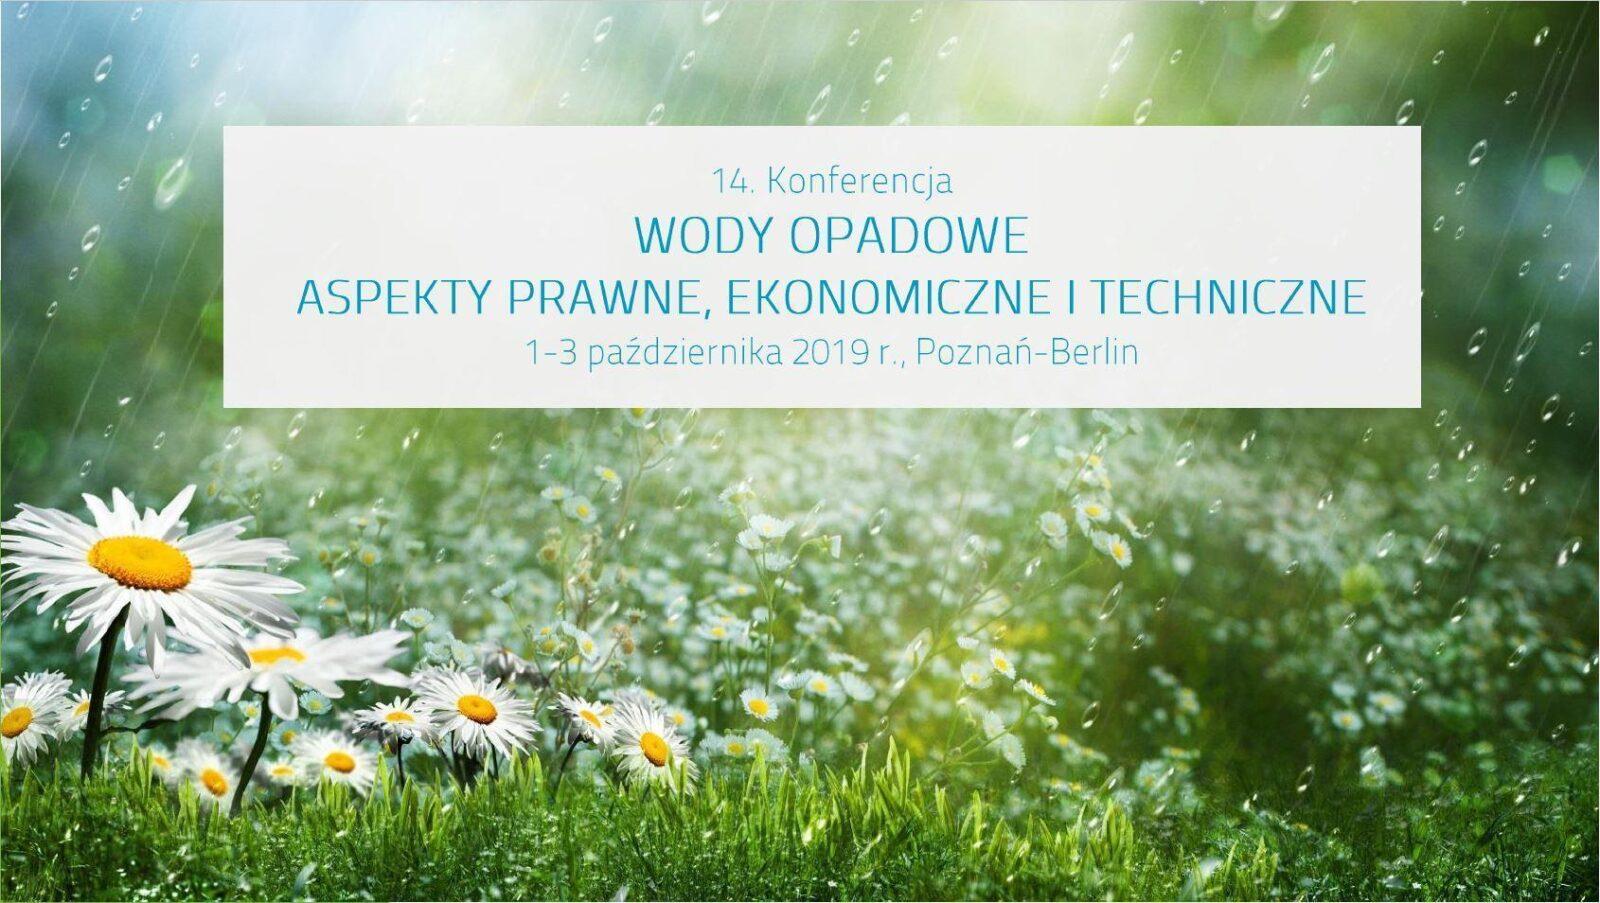 https://uslugiekosystemow.pl/wp-content/uploads/2019/08/banner.jpg